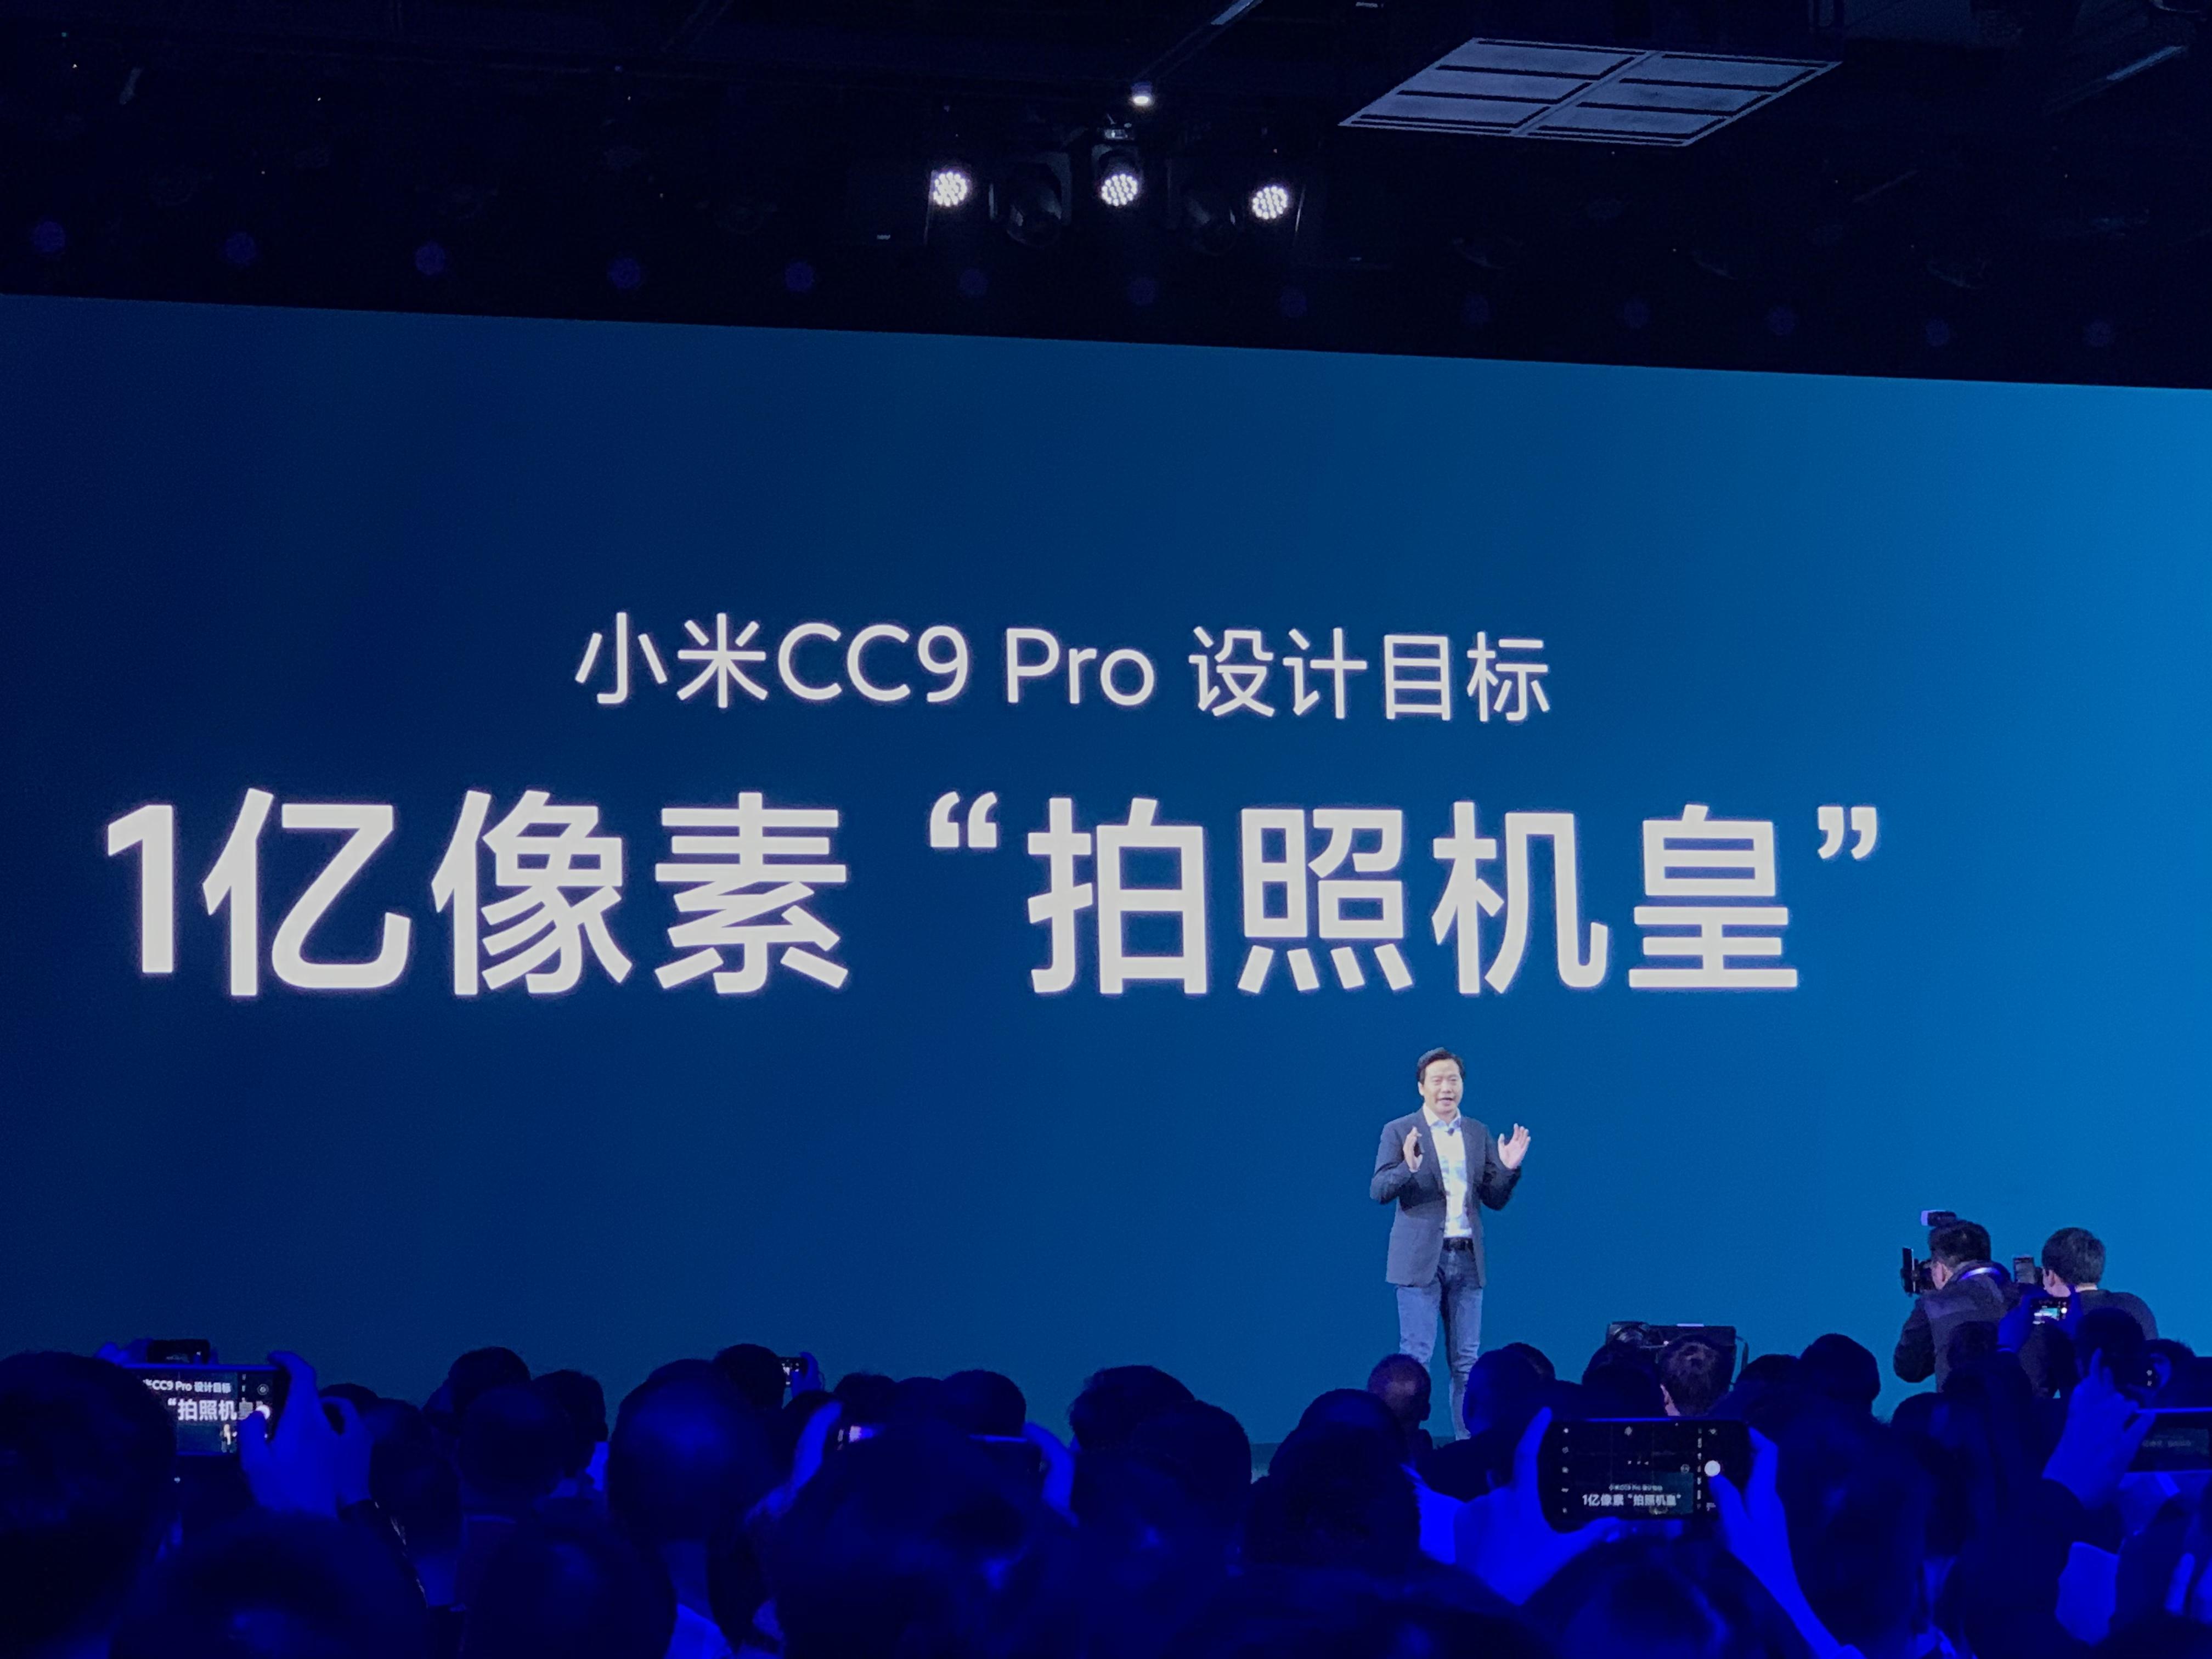 雷军:希望大家像支持友商那样支持小米,因为我们都是优秀的中国创新公司